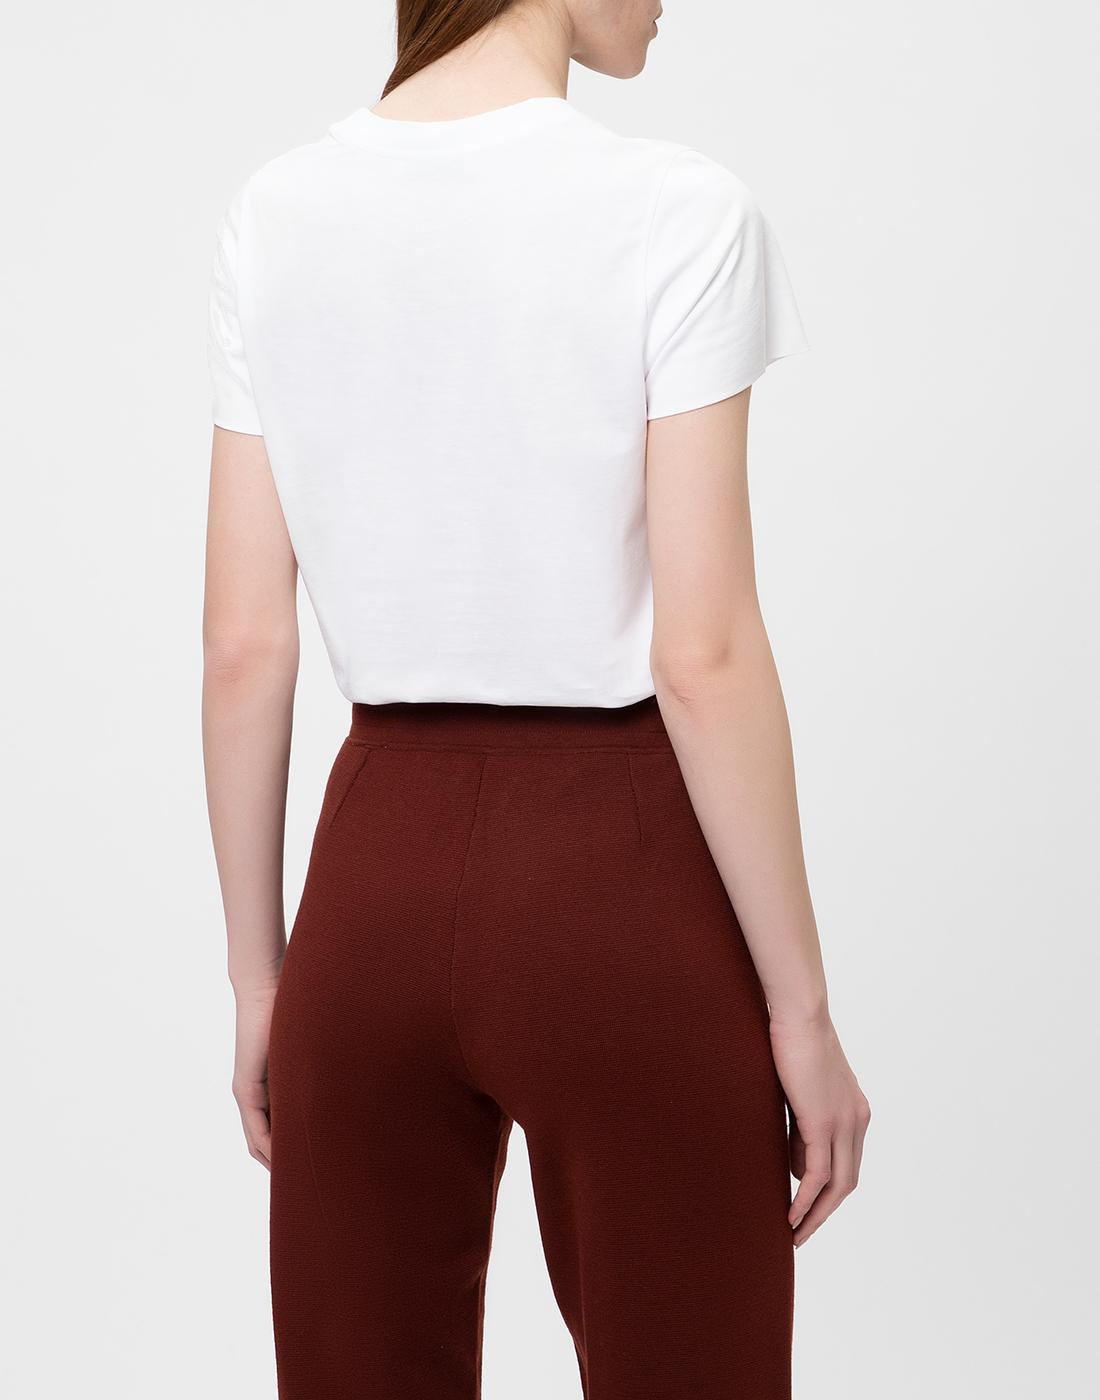 Женская белая футболка Dorothee Schumacher S623001/100-4